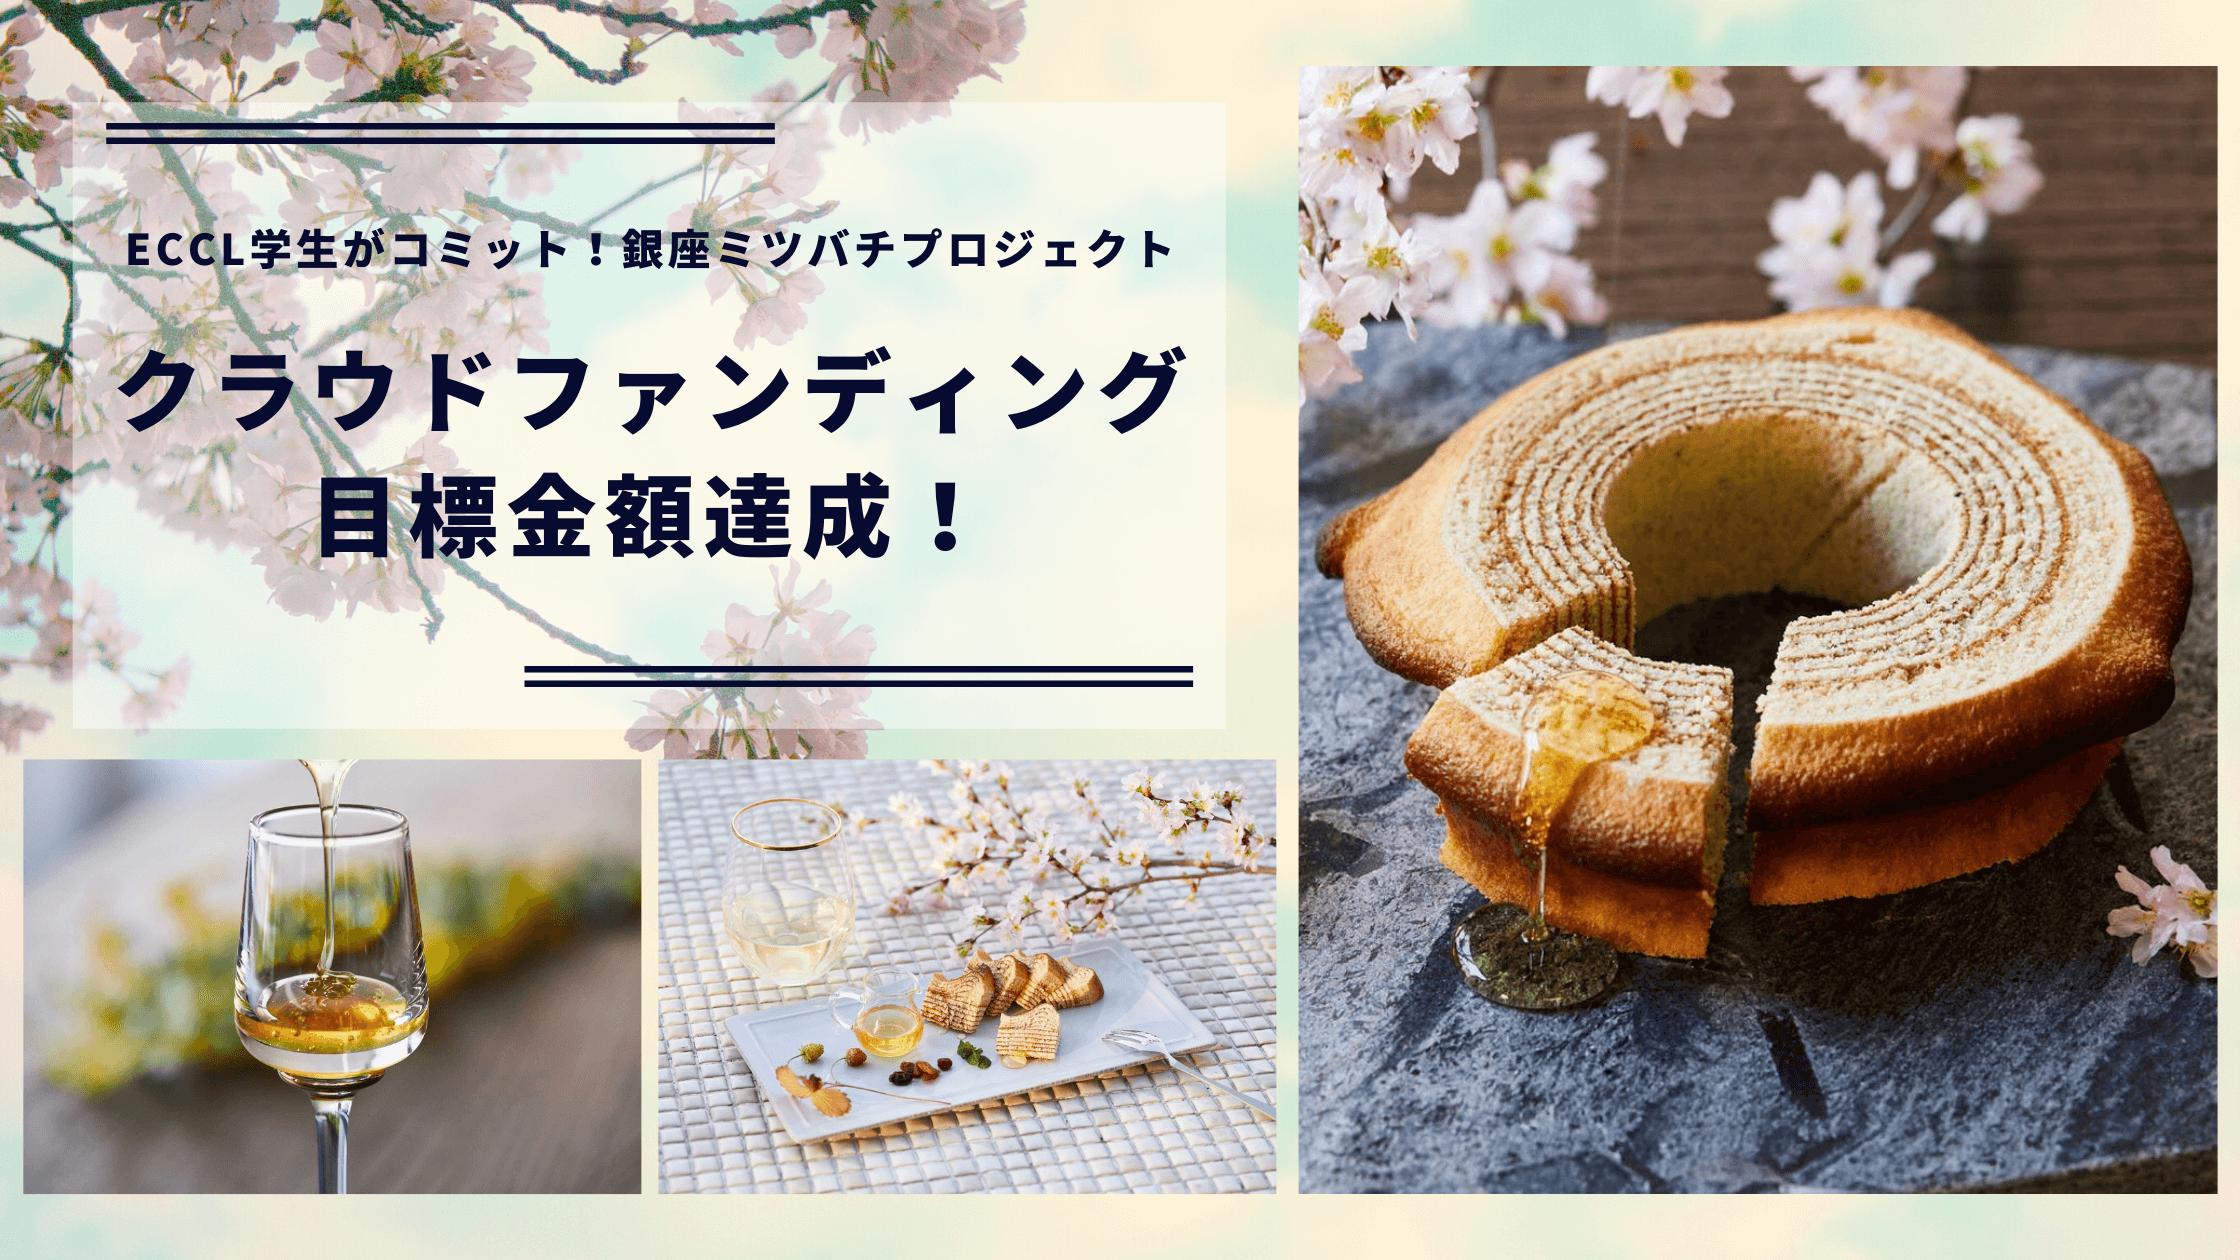 銀座ミツバチプロジェクト:クラウドファンディング目標金額達成!